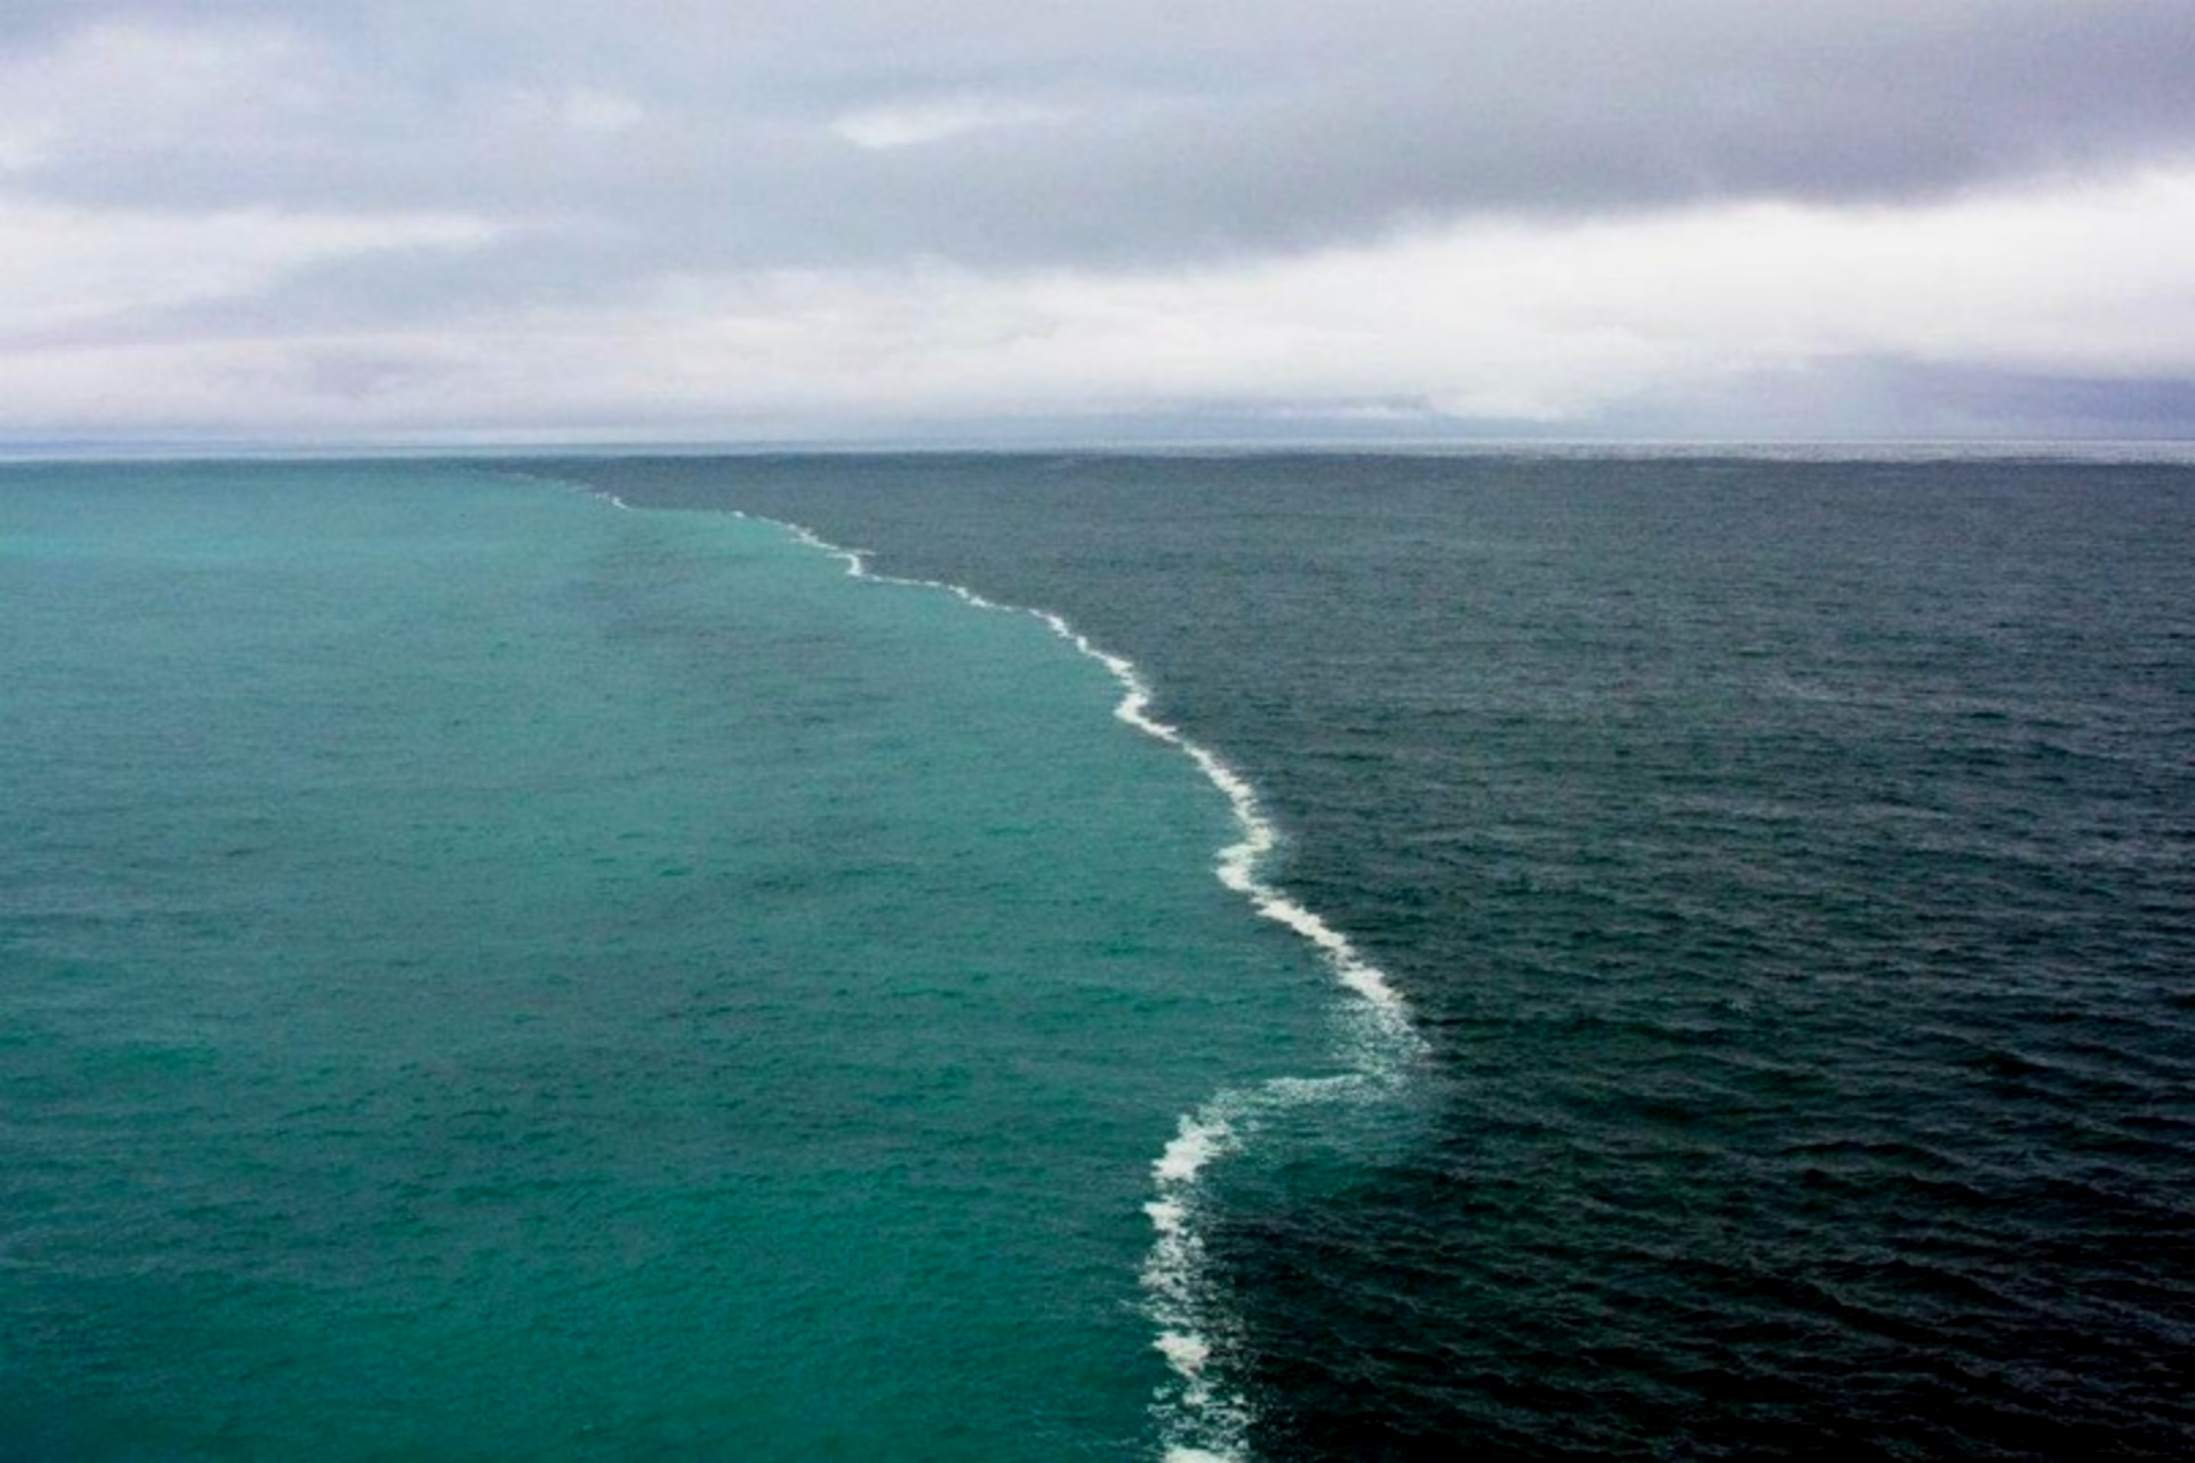 De convergentie van de Oostzee en de Noordzee